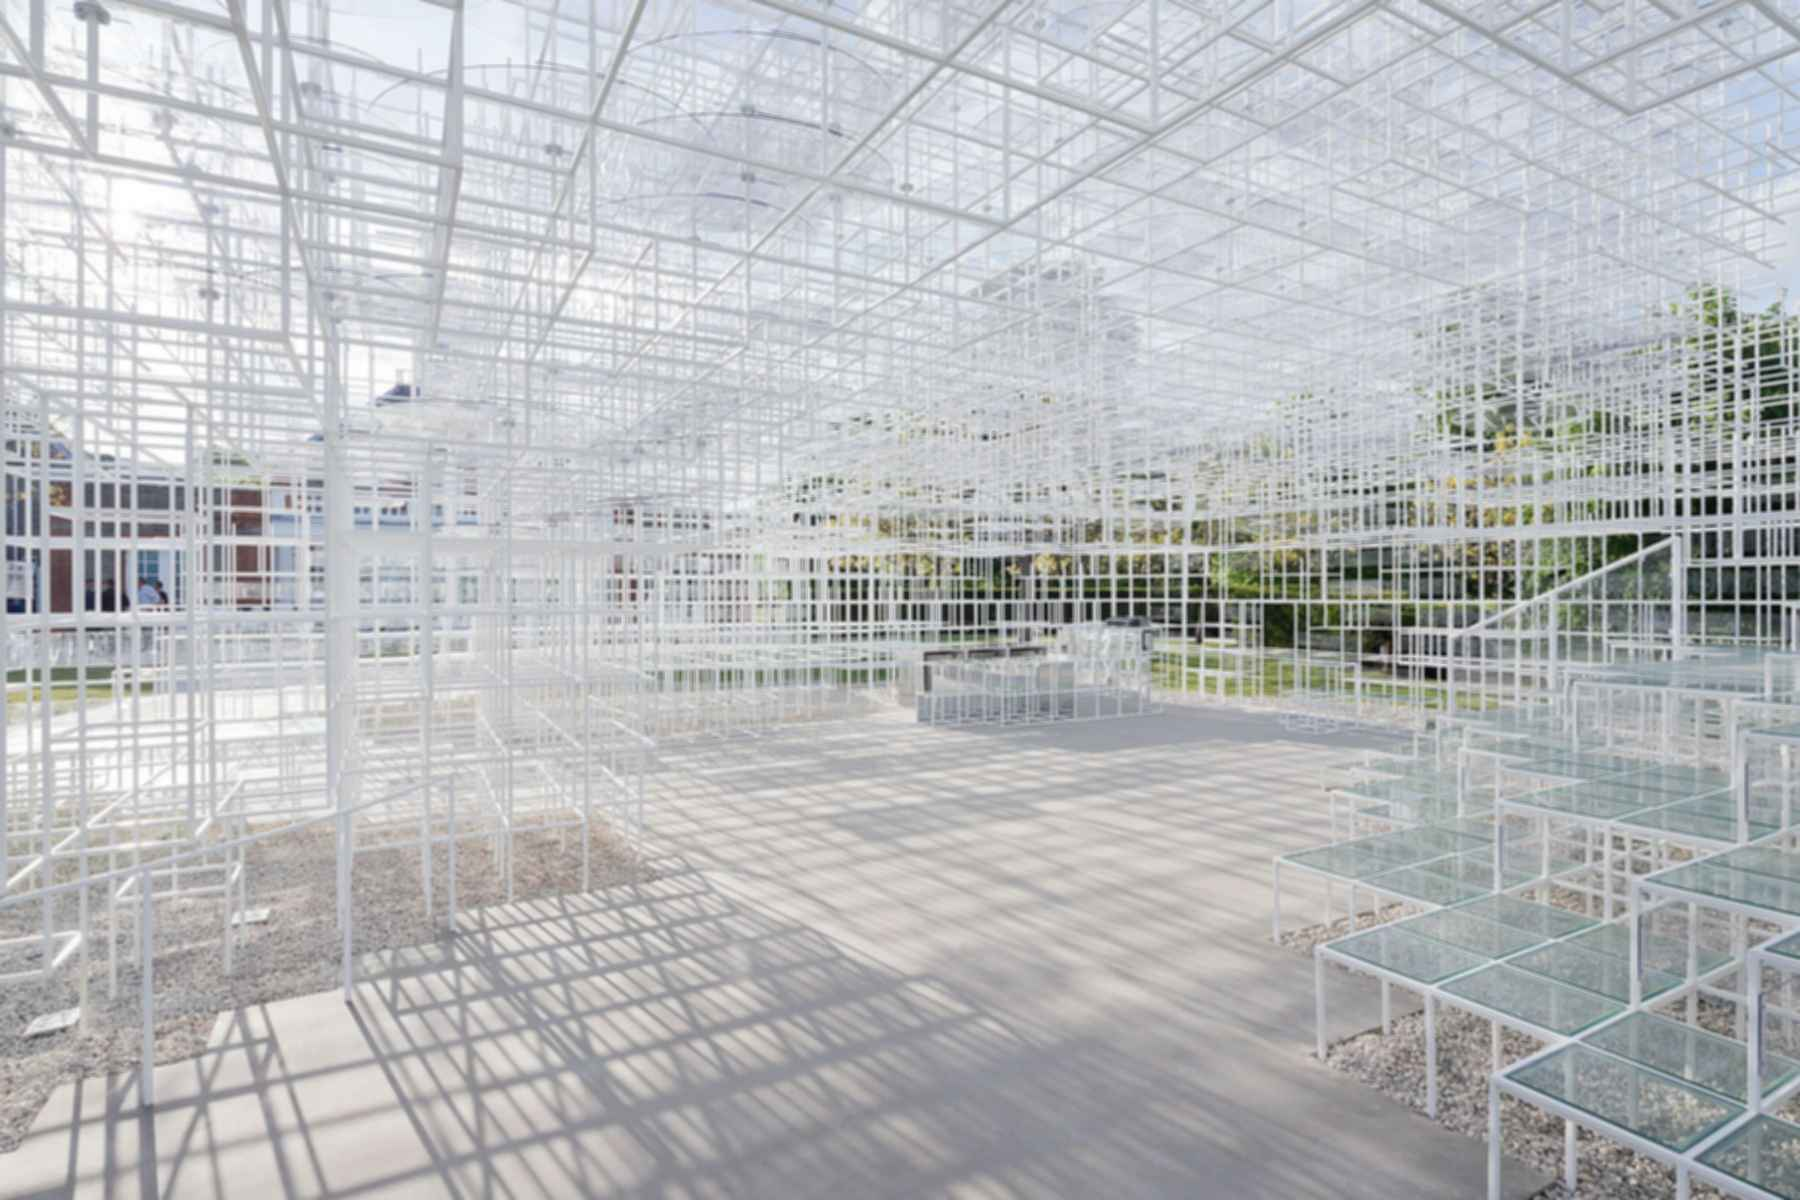 Serpentine Gallery Pavilion 2013 - Interior